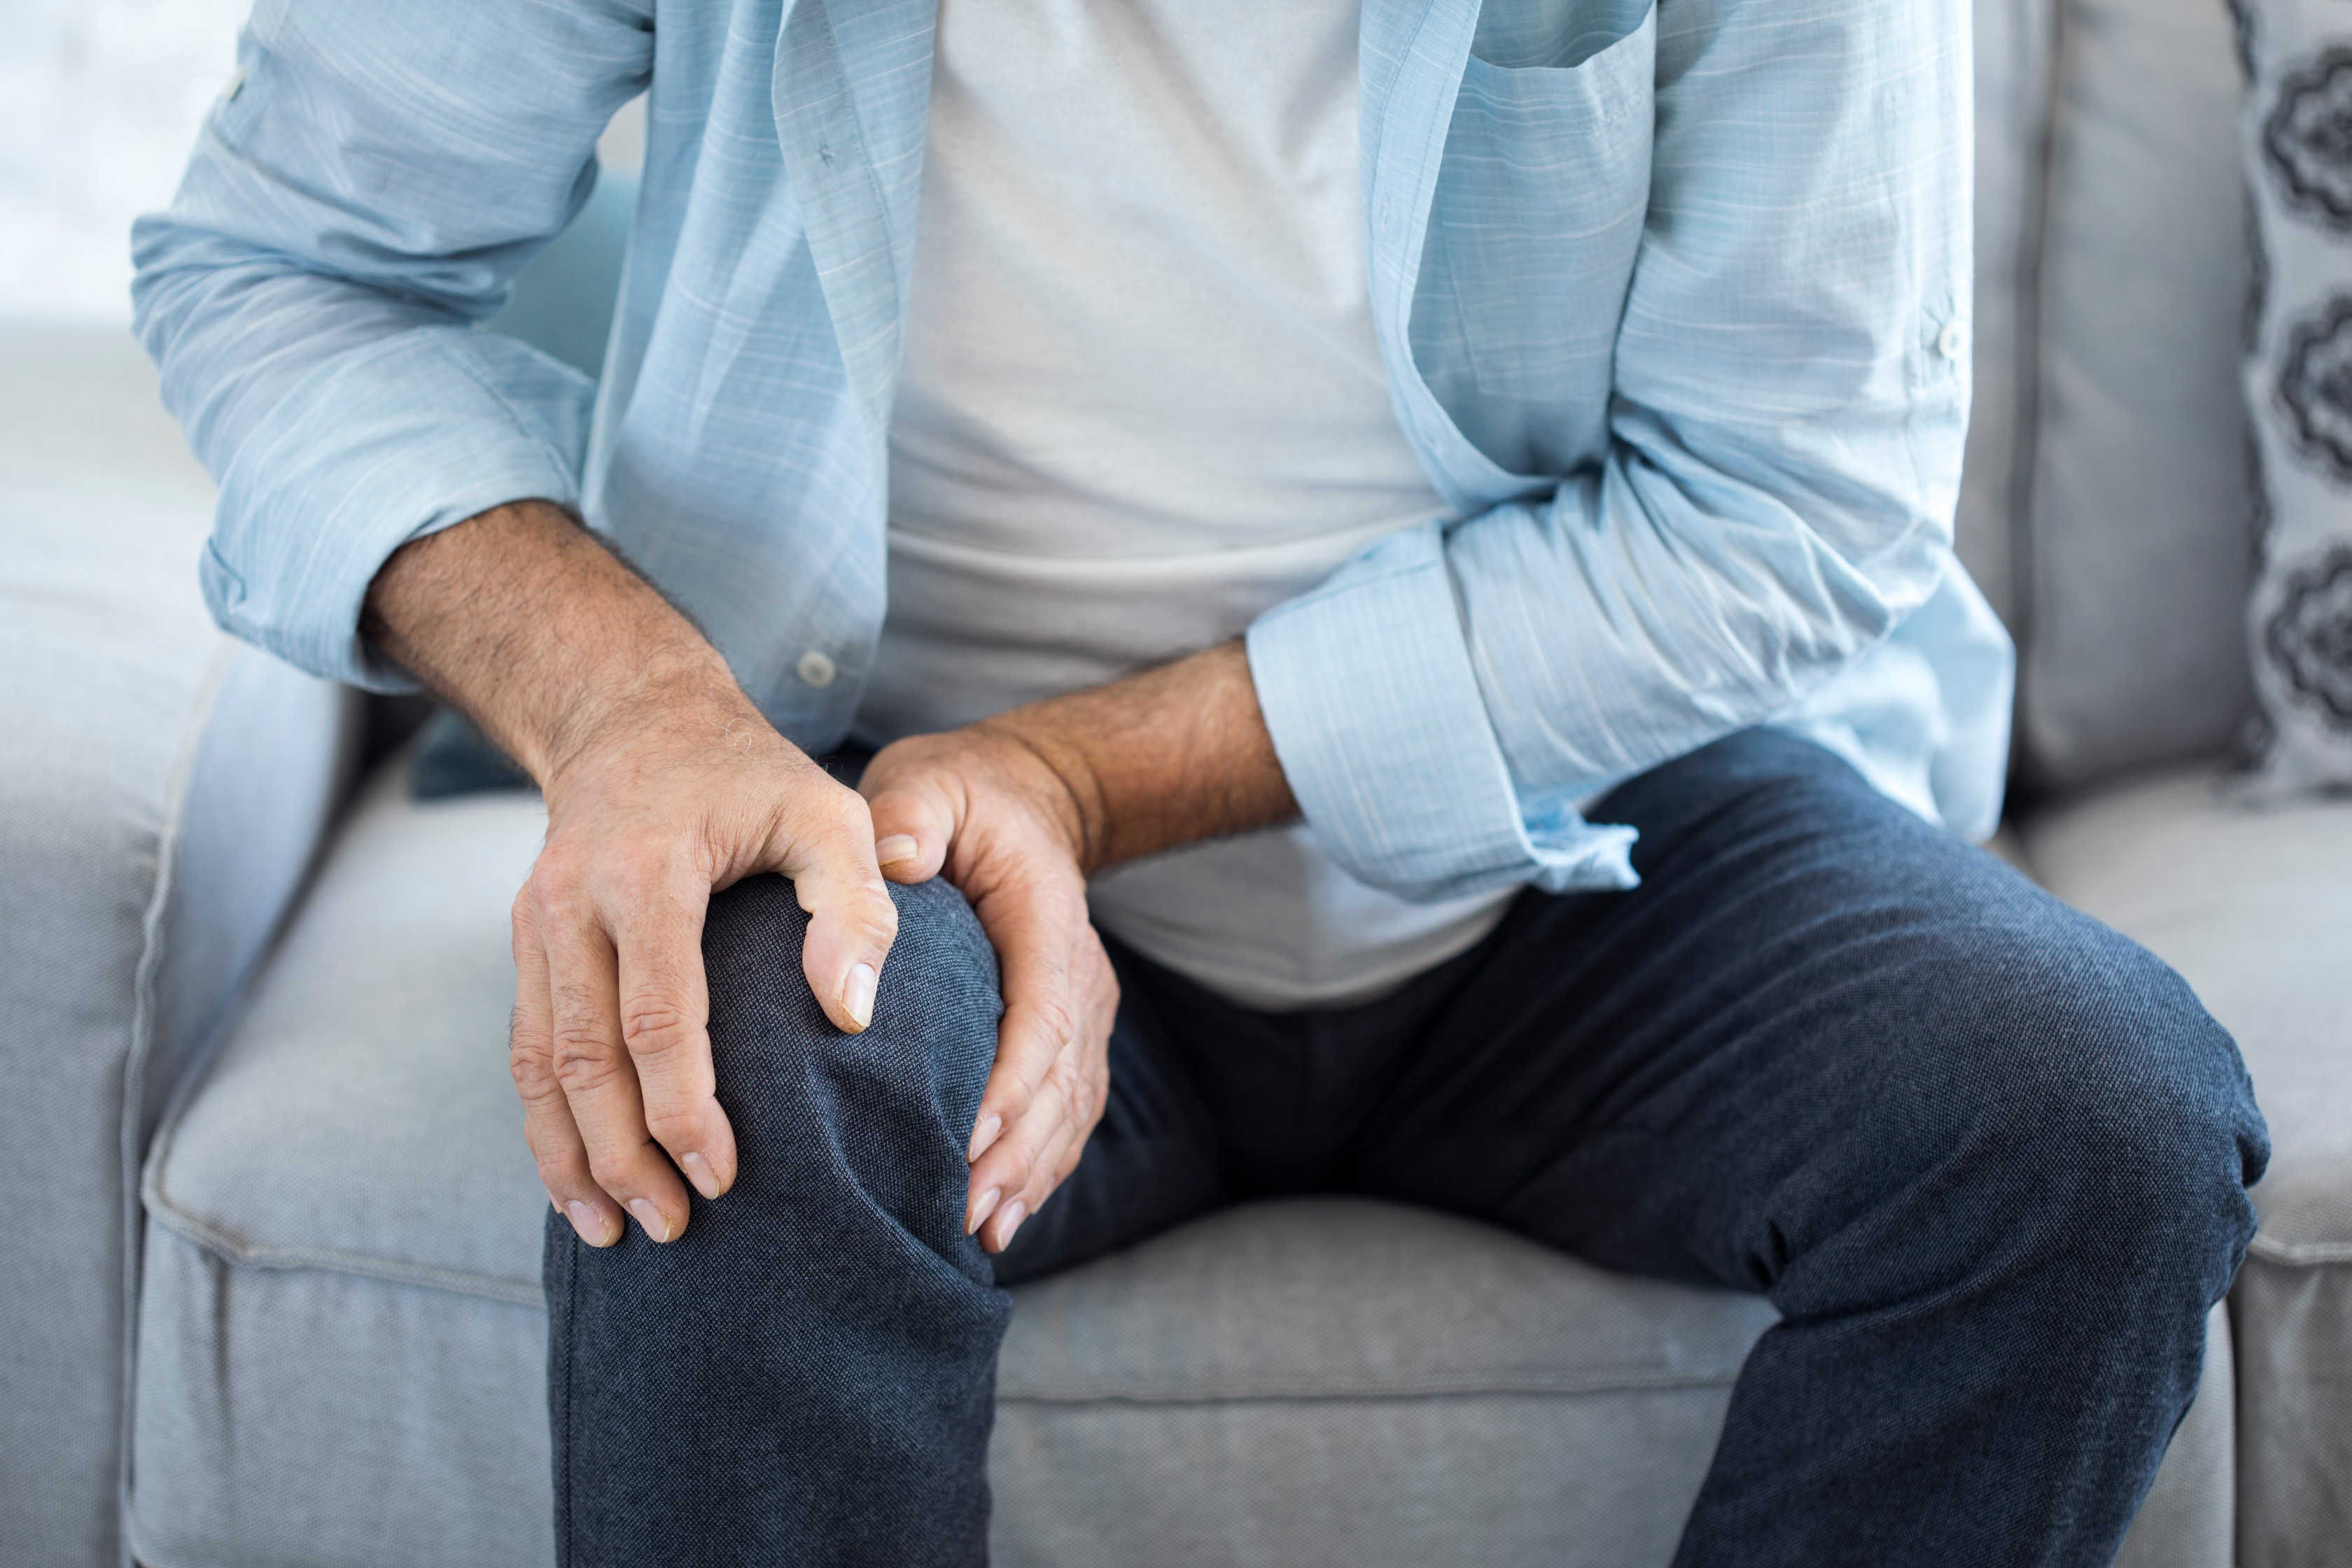 ízületek fáj, amelyek hogyan lehet enyhíteni a könyökízület fájdalmát